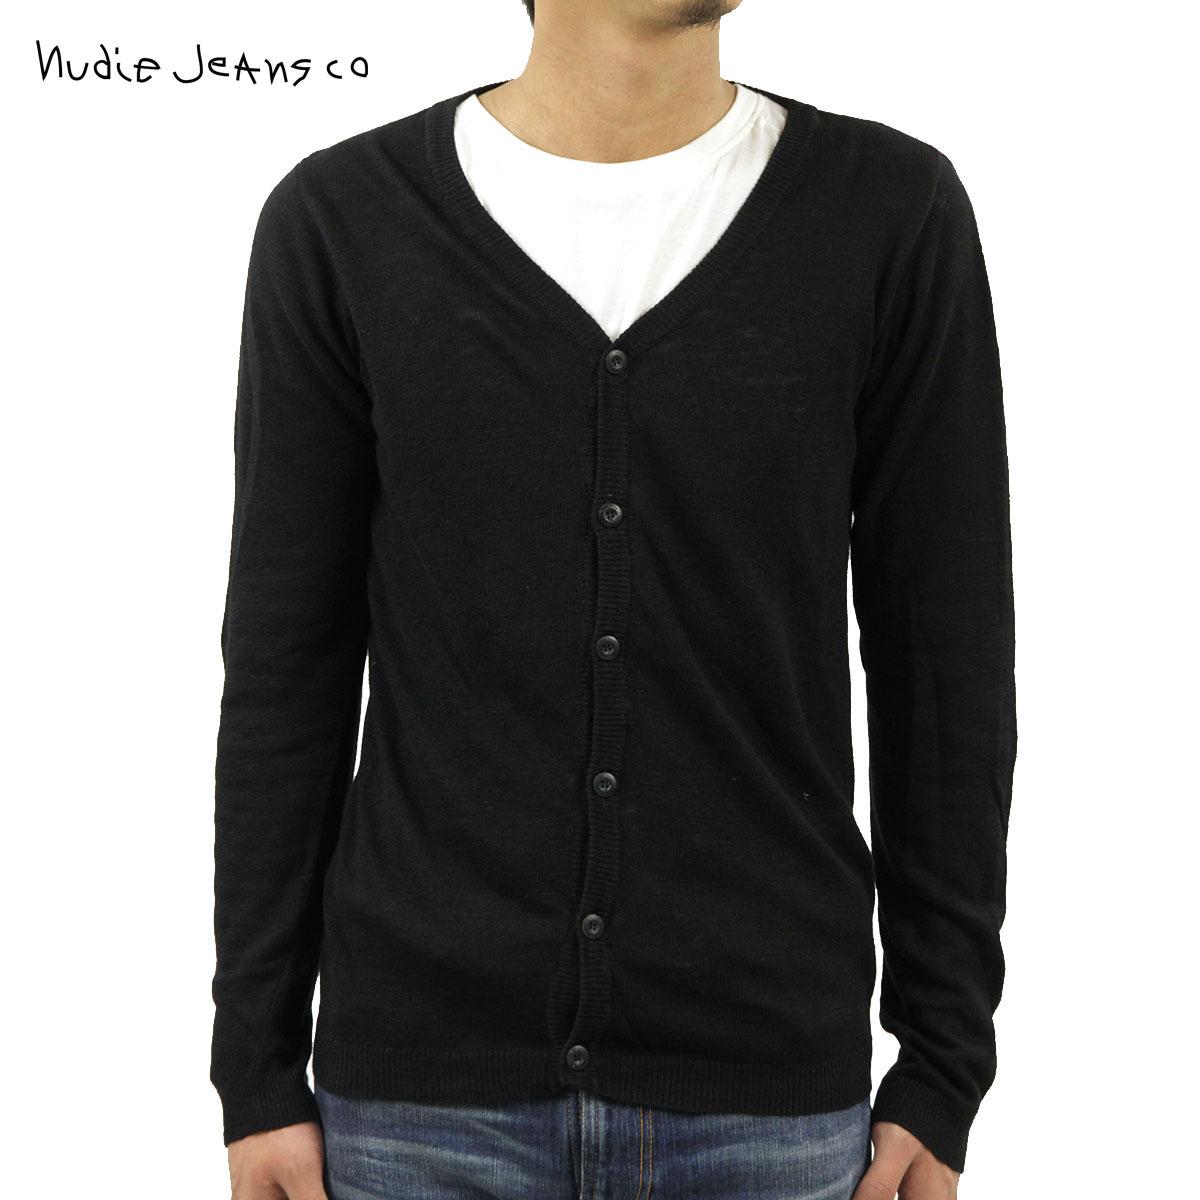 ヌーディージーンズ セーター メンズ 正規販売店 Nudie Jeans カーディガン Botvid Cardigan Embo 150134 BLACK